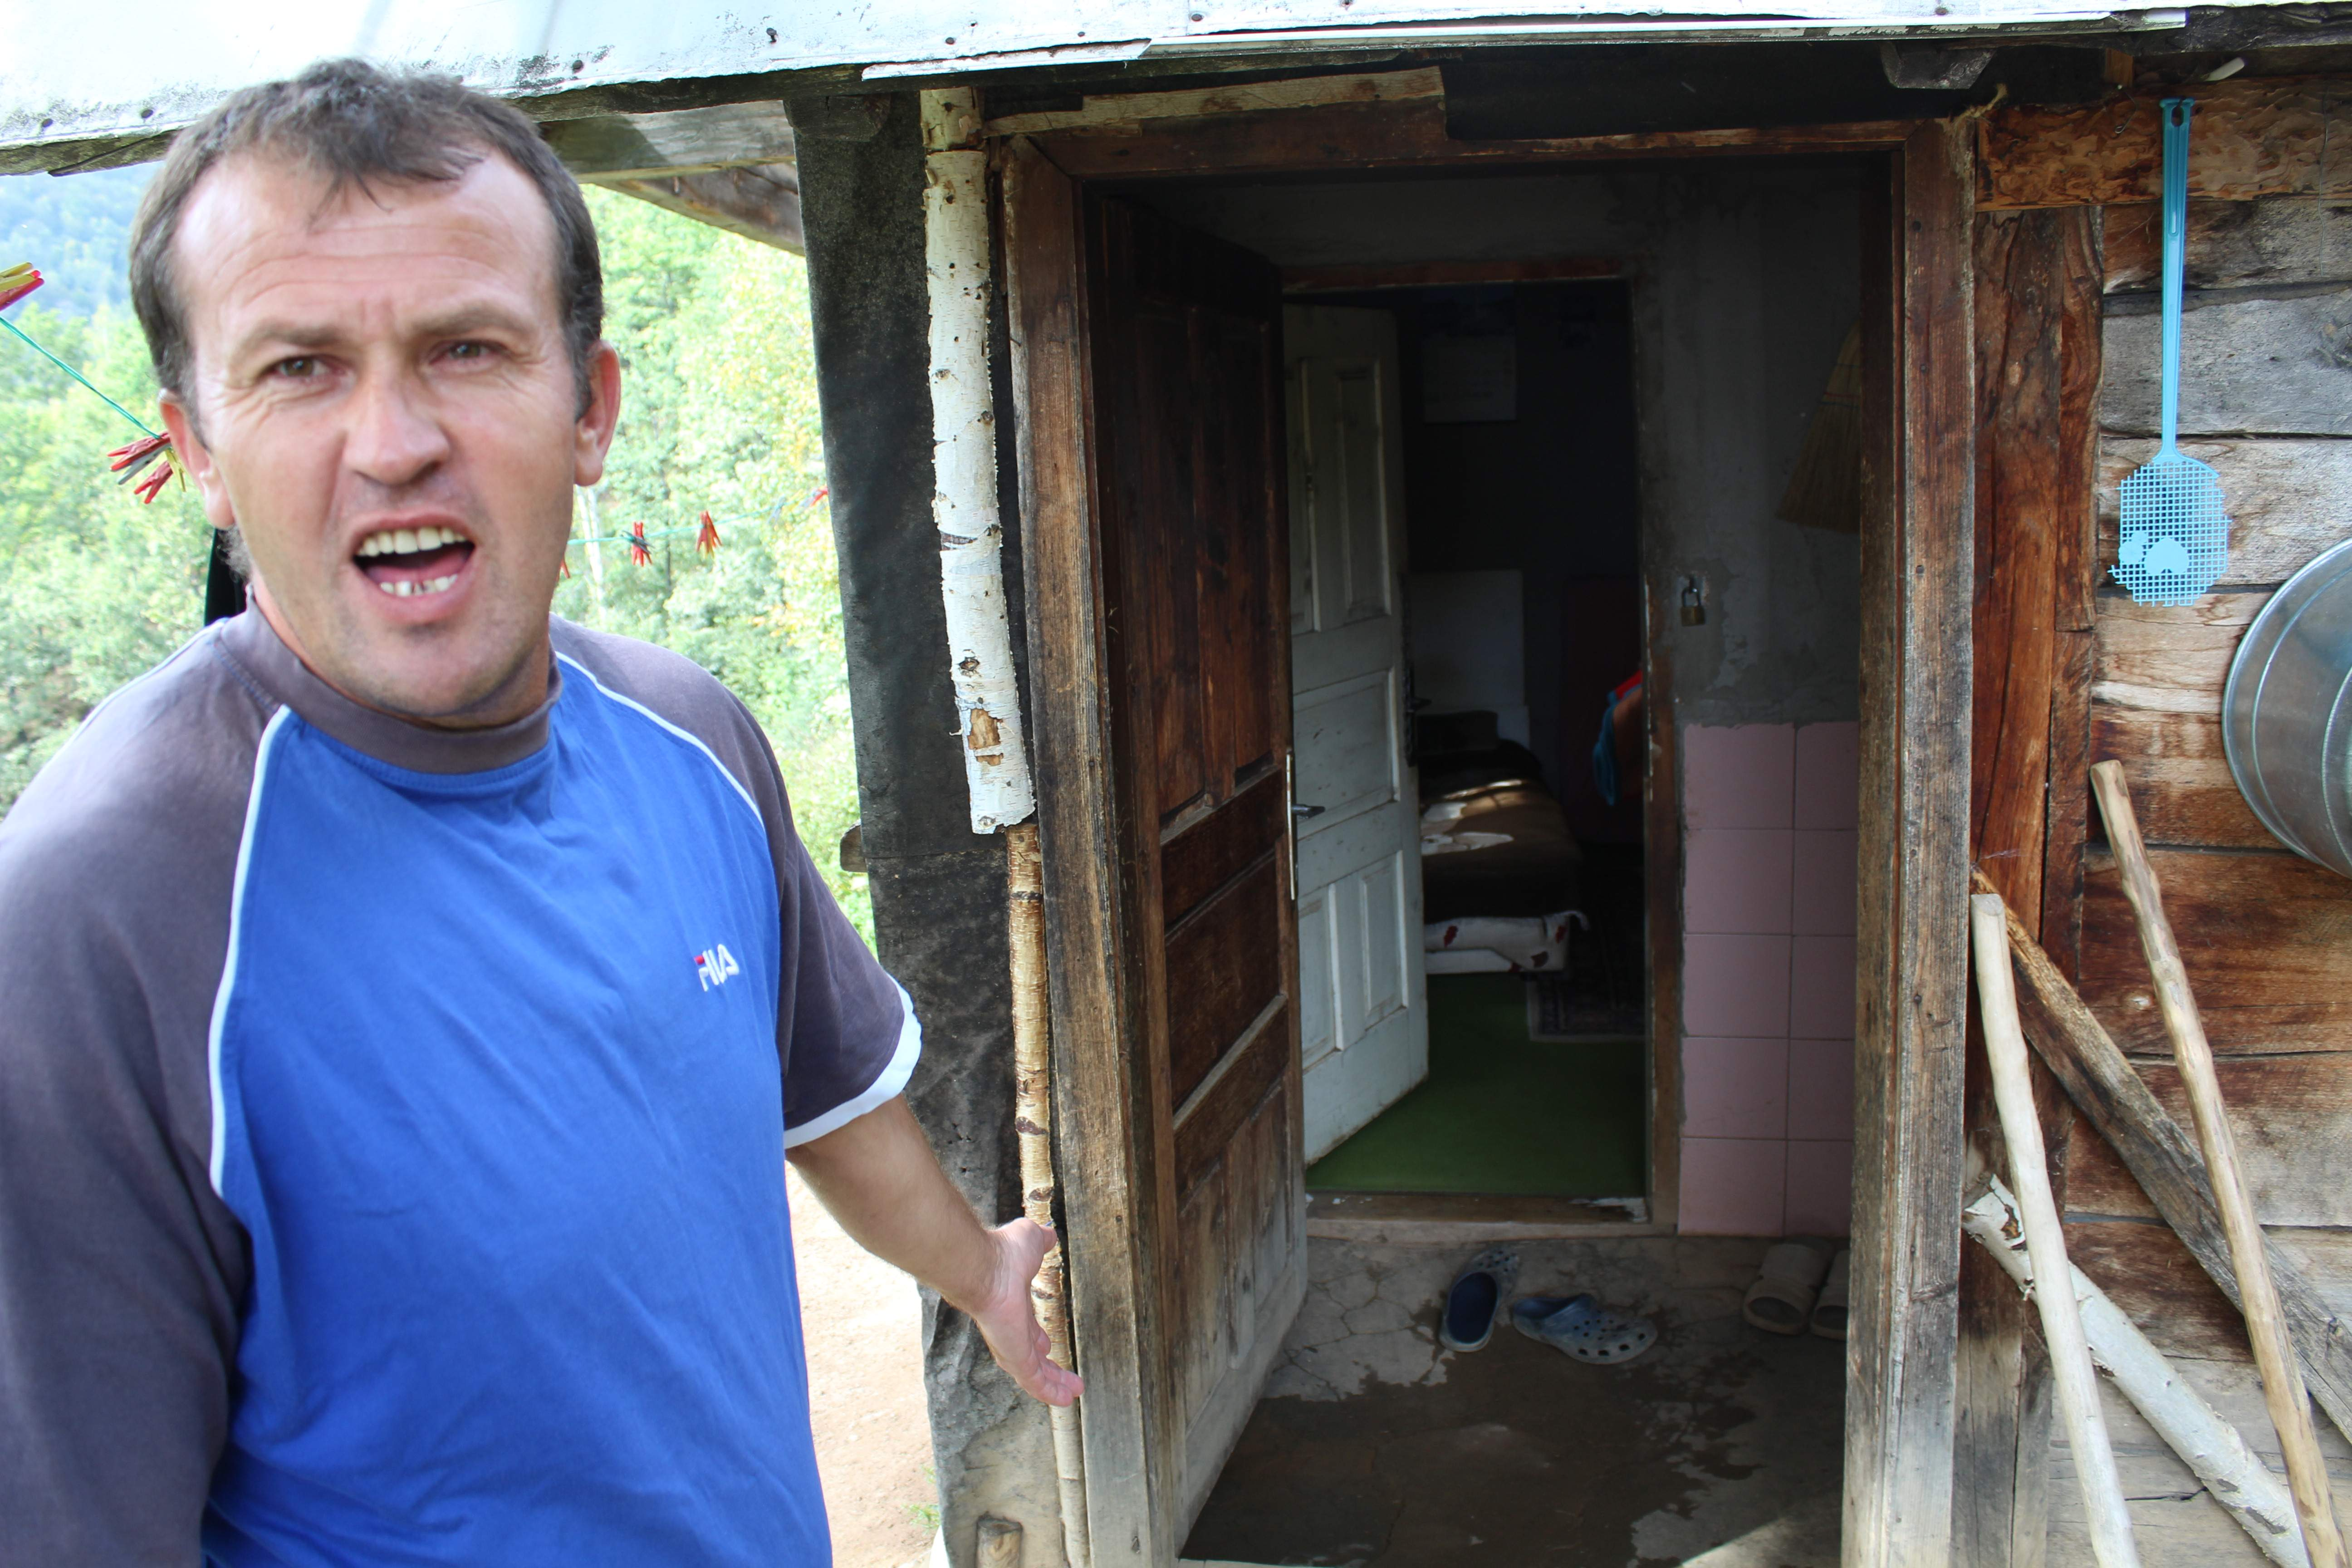 Zenid pokazuje kolibu u kojoj žive